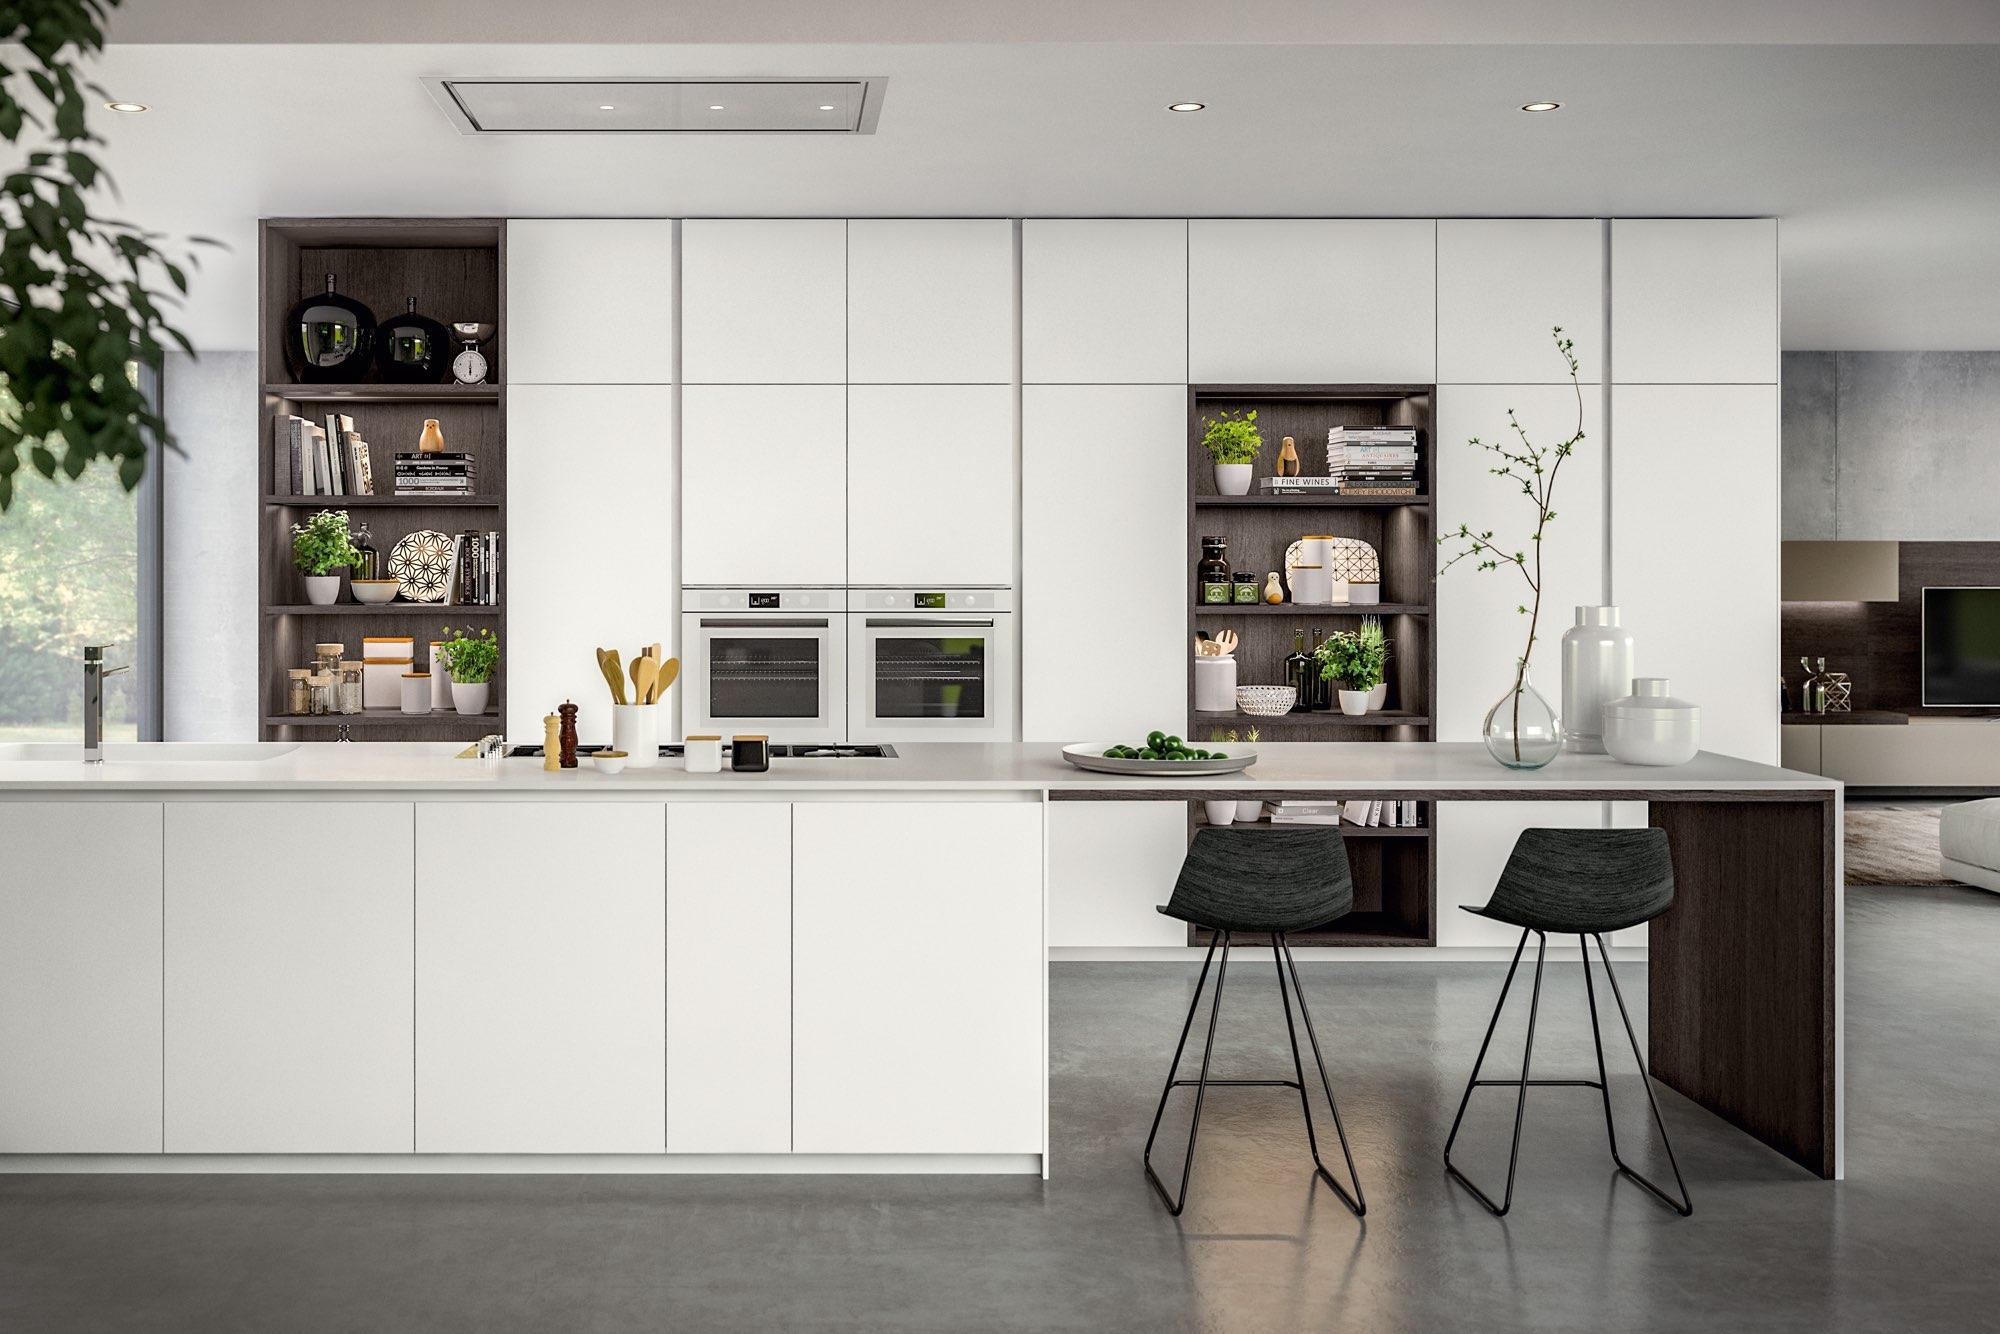 CU_Kitchen_A_013